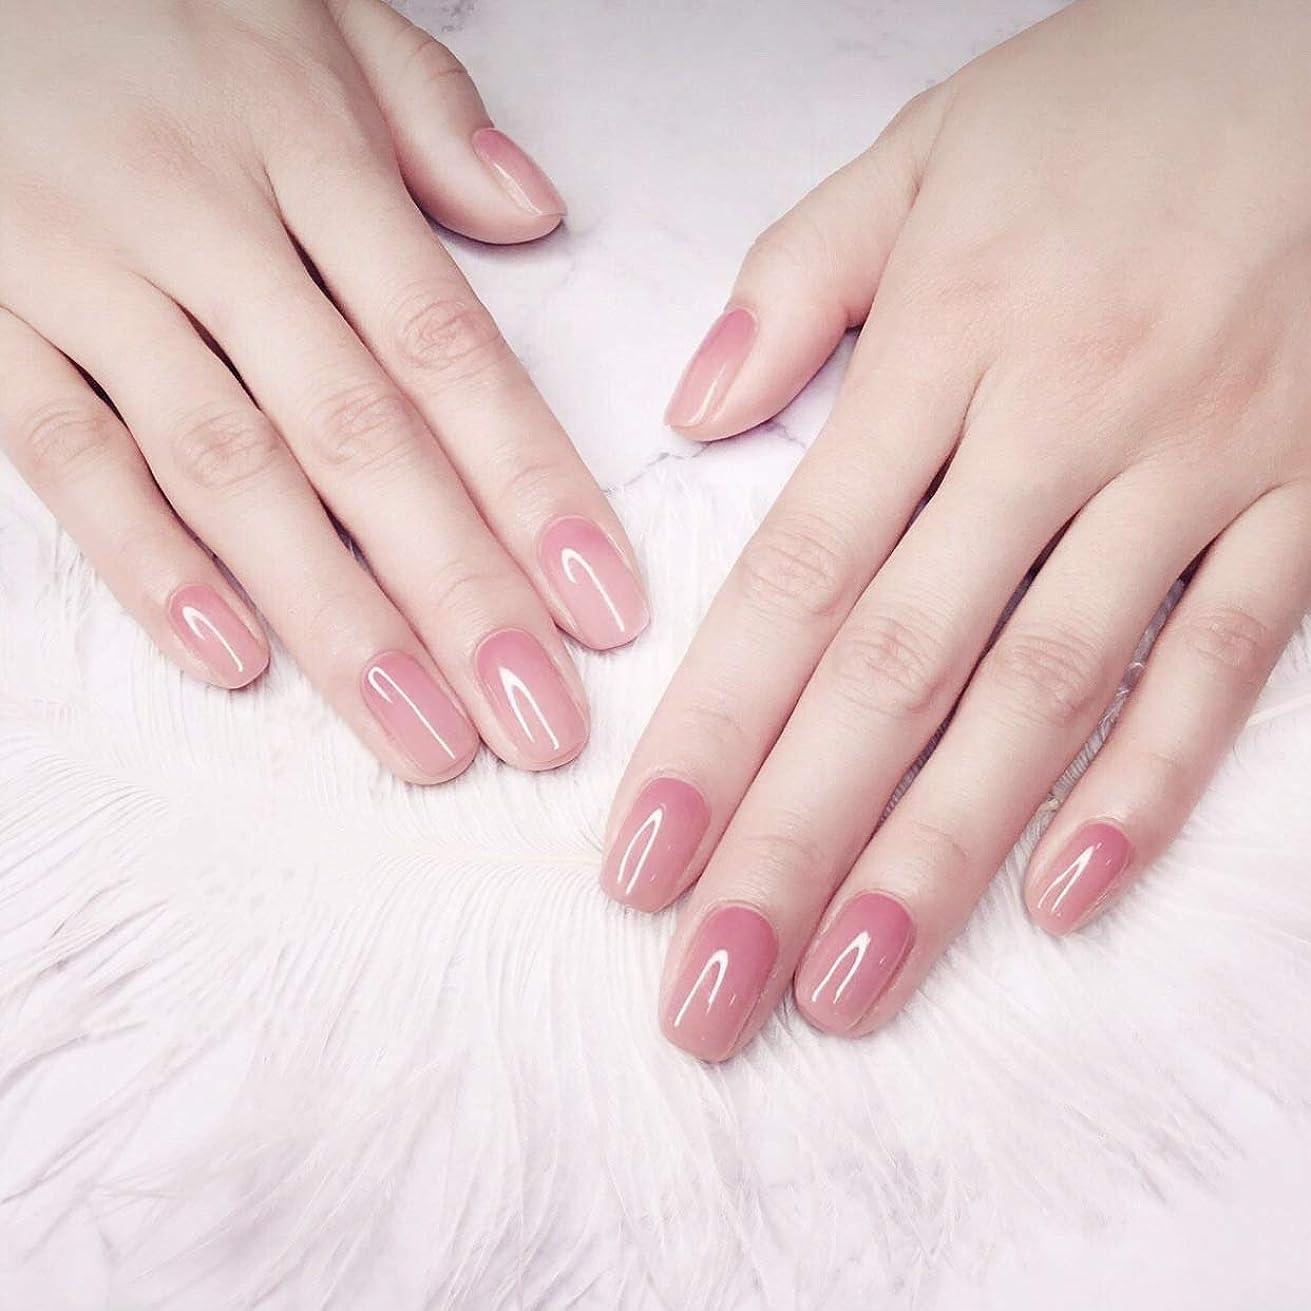 肉腫バスラップ24枚純色付け爪 ネイル貼るだけネイルチップ お花嫁付け爪 さくら カラーグラデーション フラットヘッド 平頭爪チップ